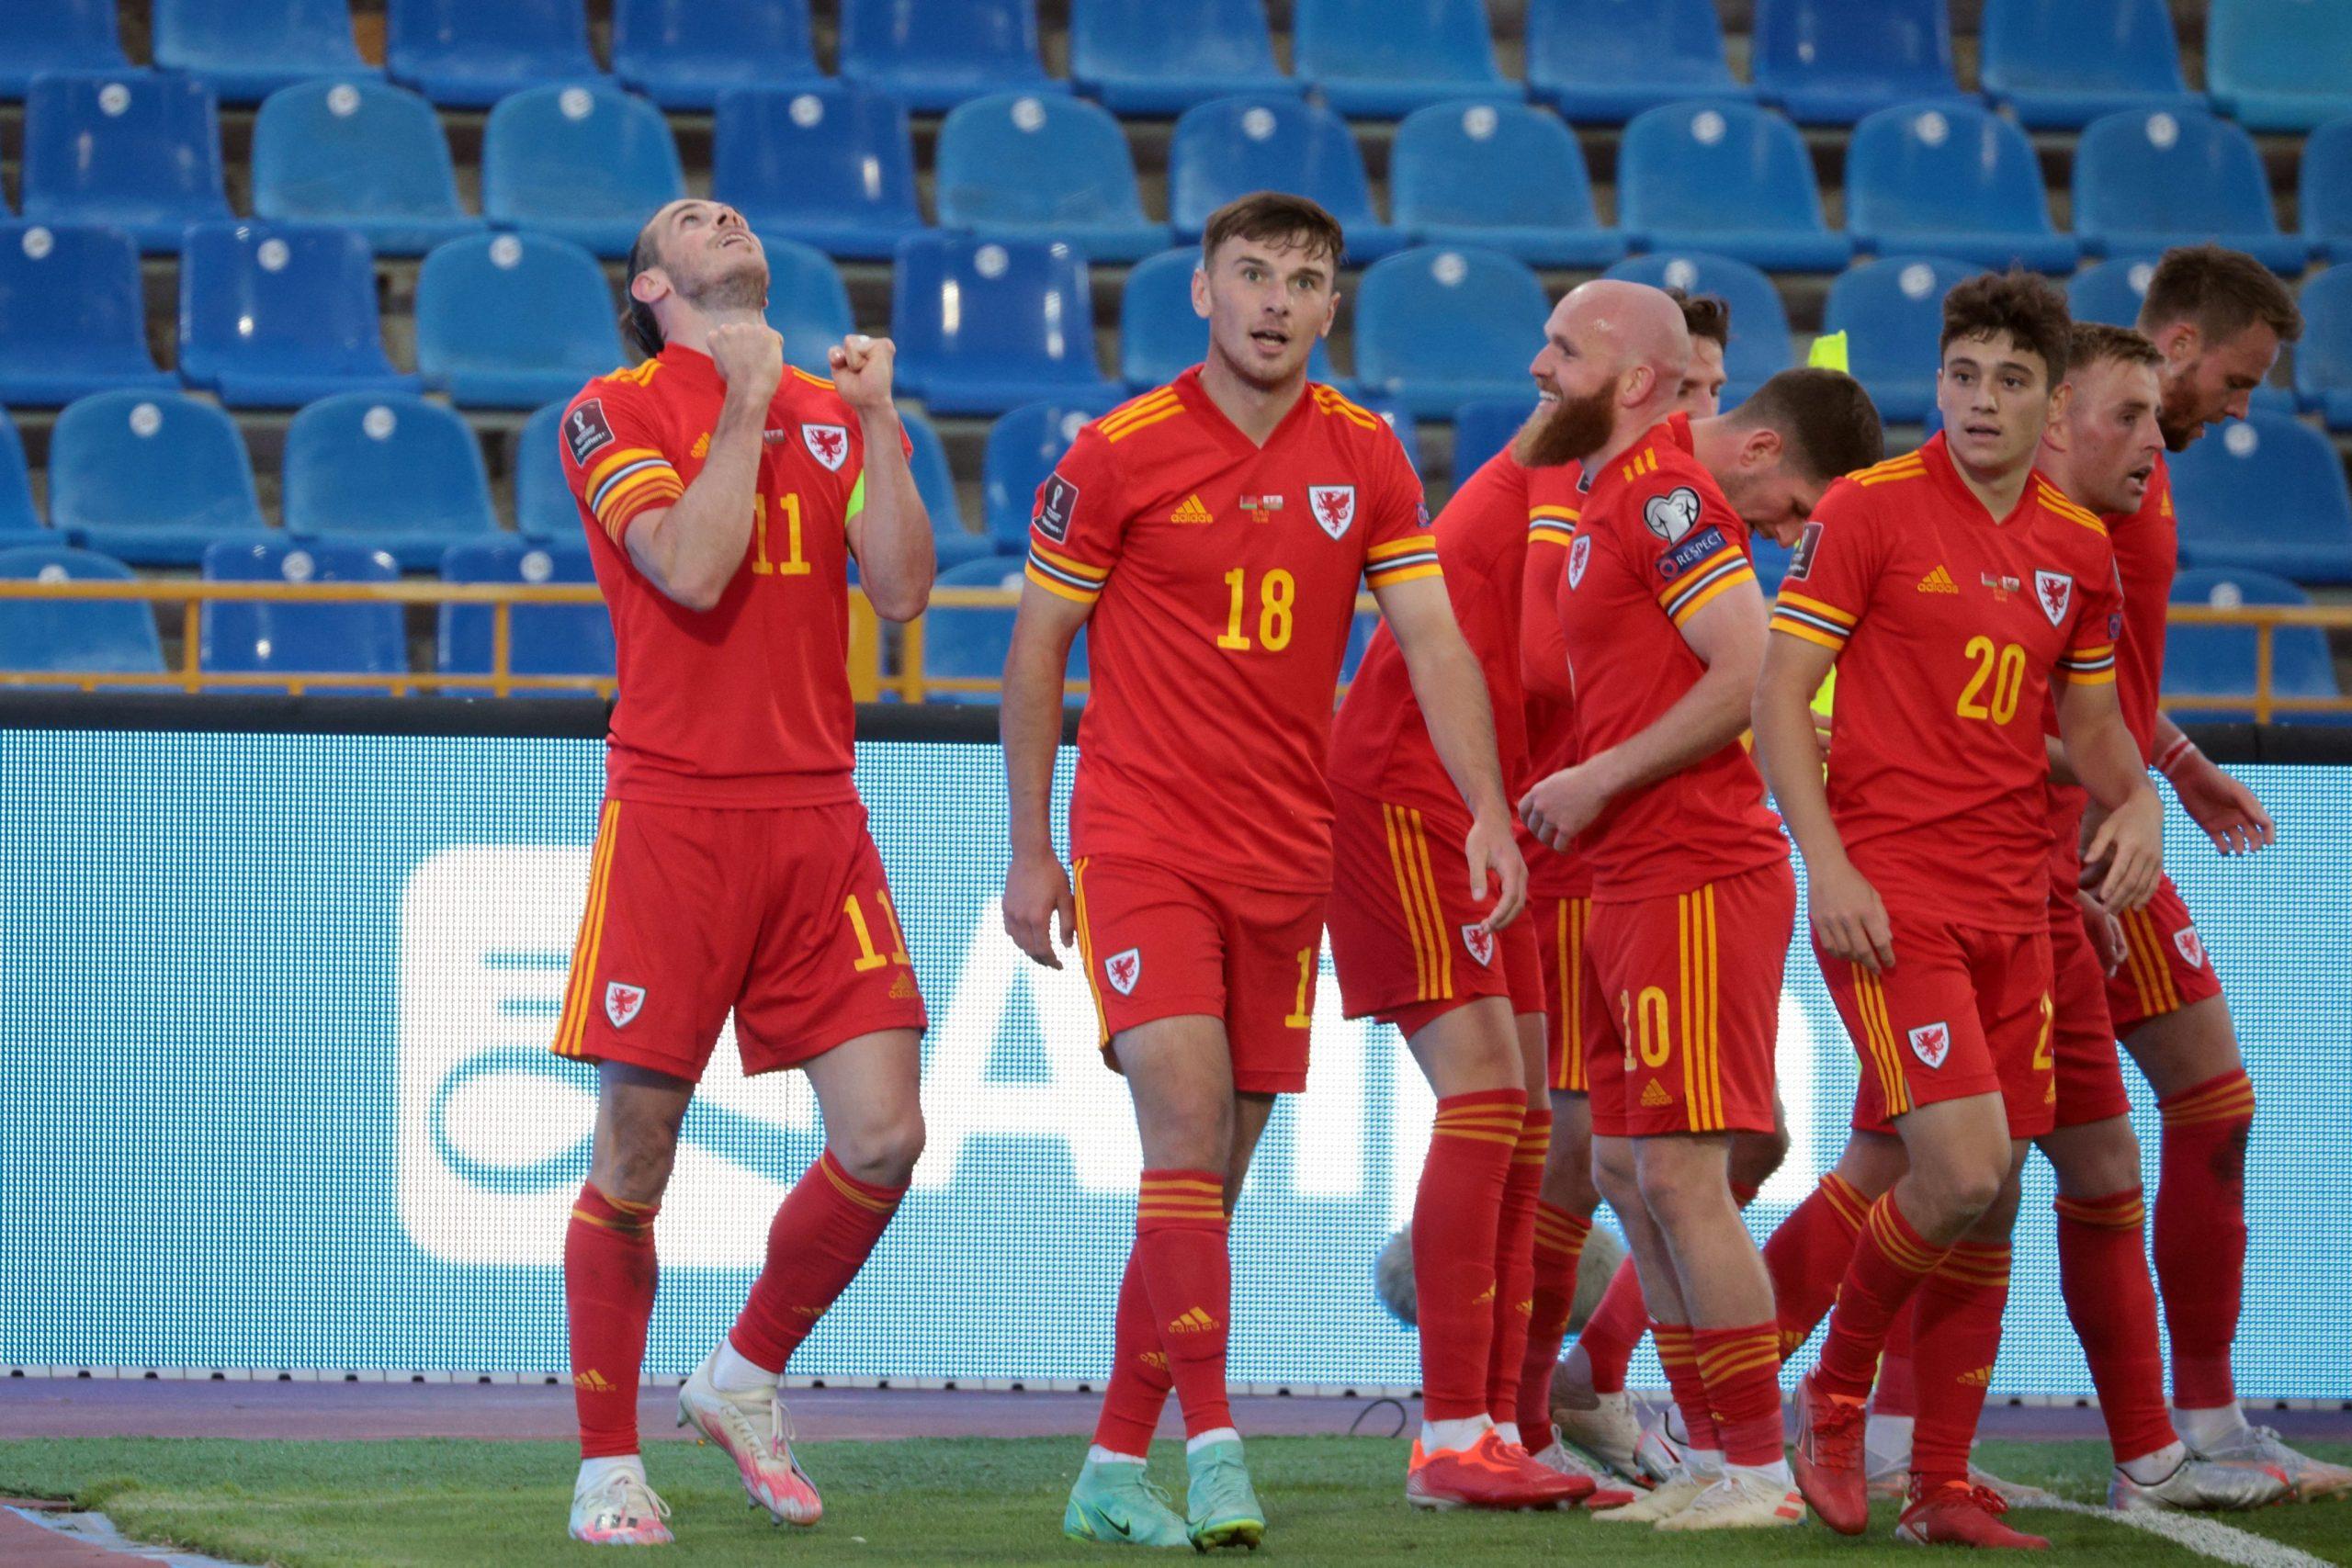 Wales đã có bàn mở tỷ số trong trận đấu với Belarus